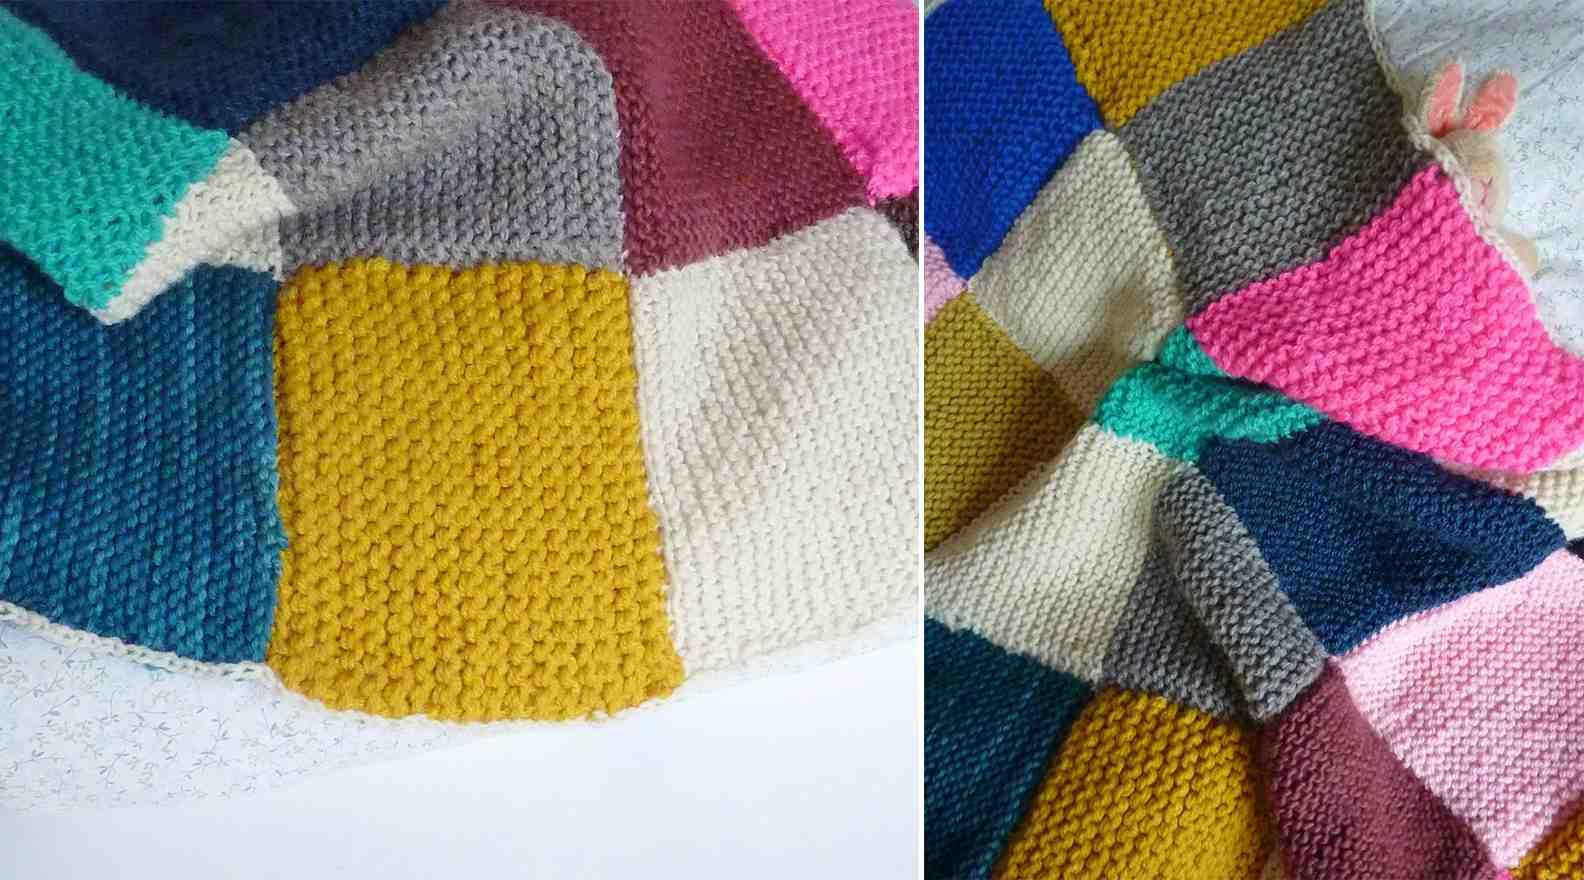 Quelle taille d'aiguille pour tricoter un plaid ?